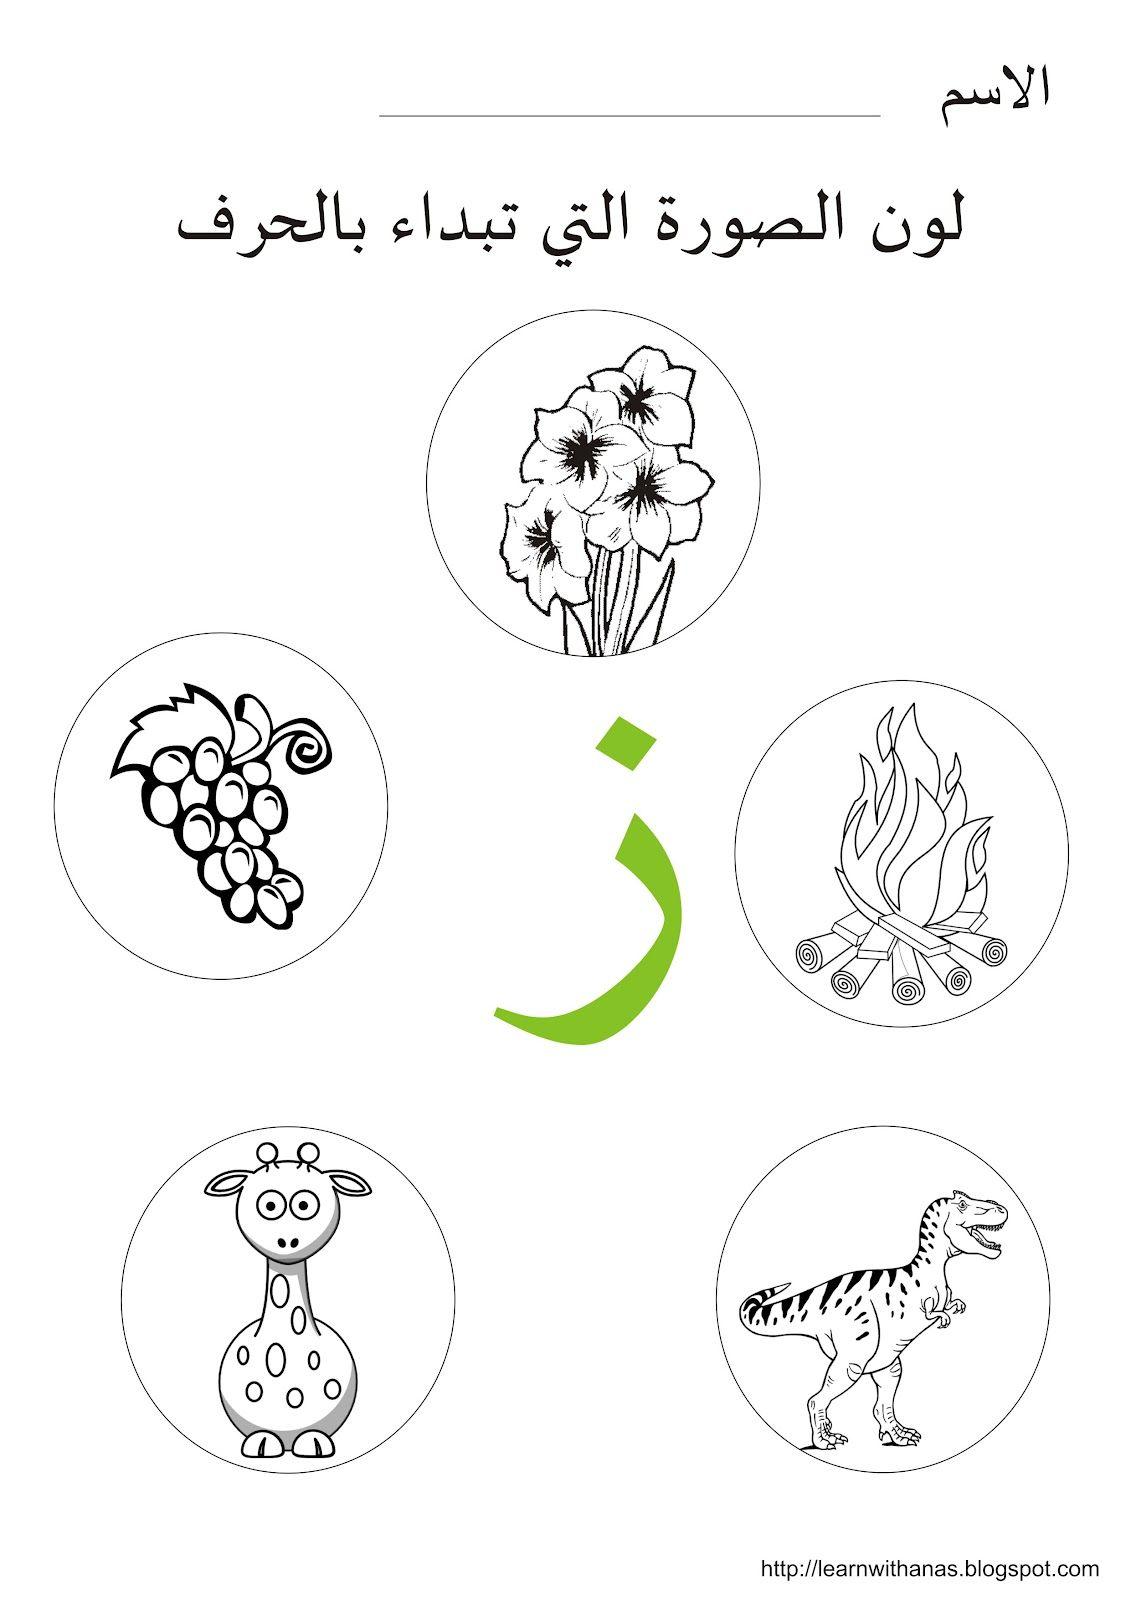 تعلم مع أنس أكتب وتتبع ولون الحرف ز Arabic Alphabet Letters Arabic Alphabet For Kids Learning Arabic